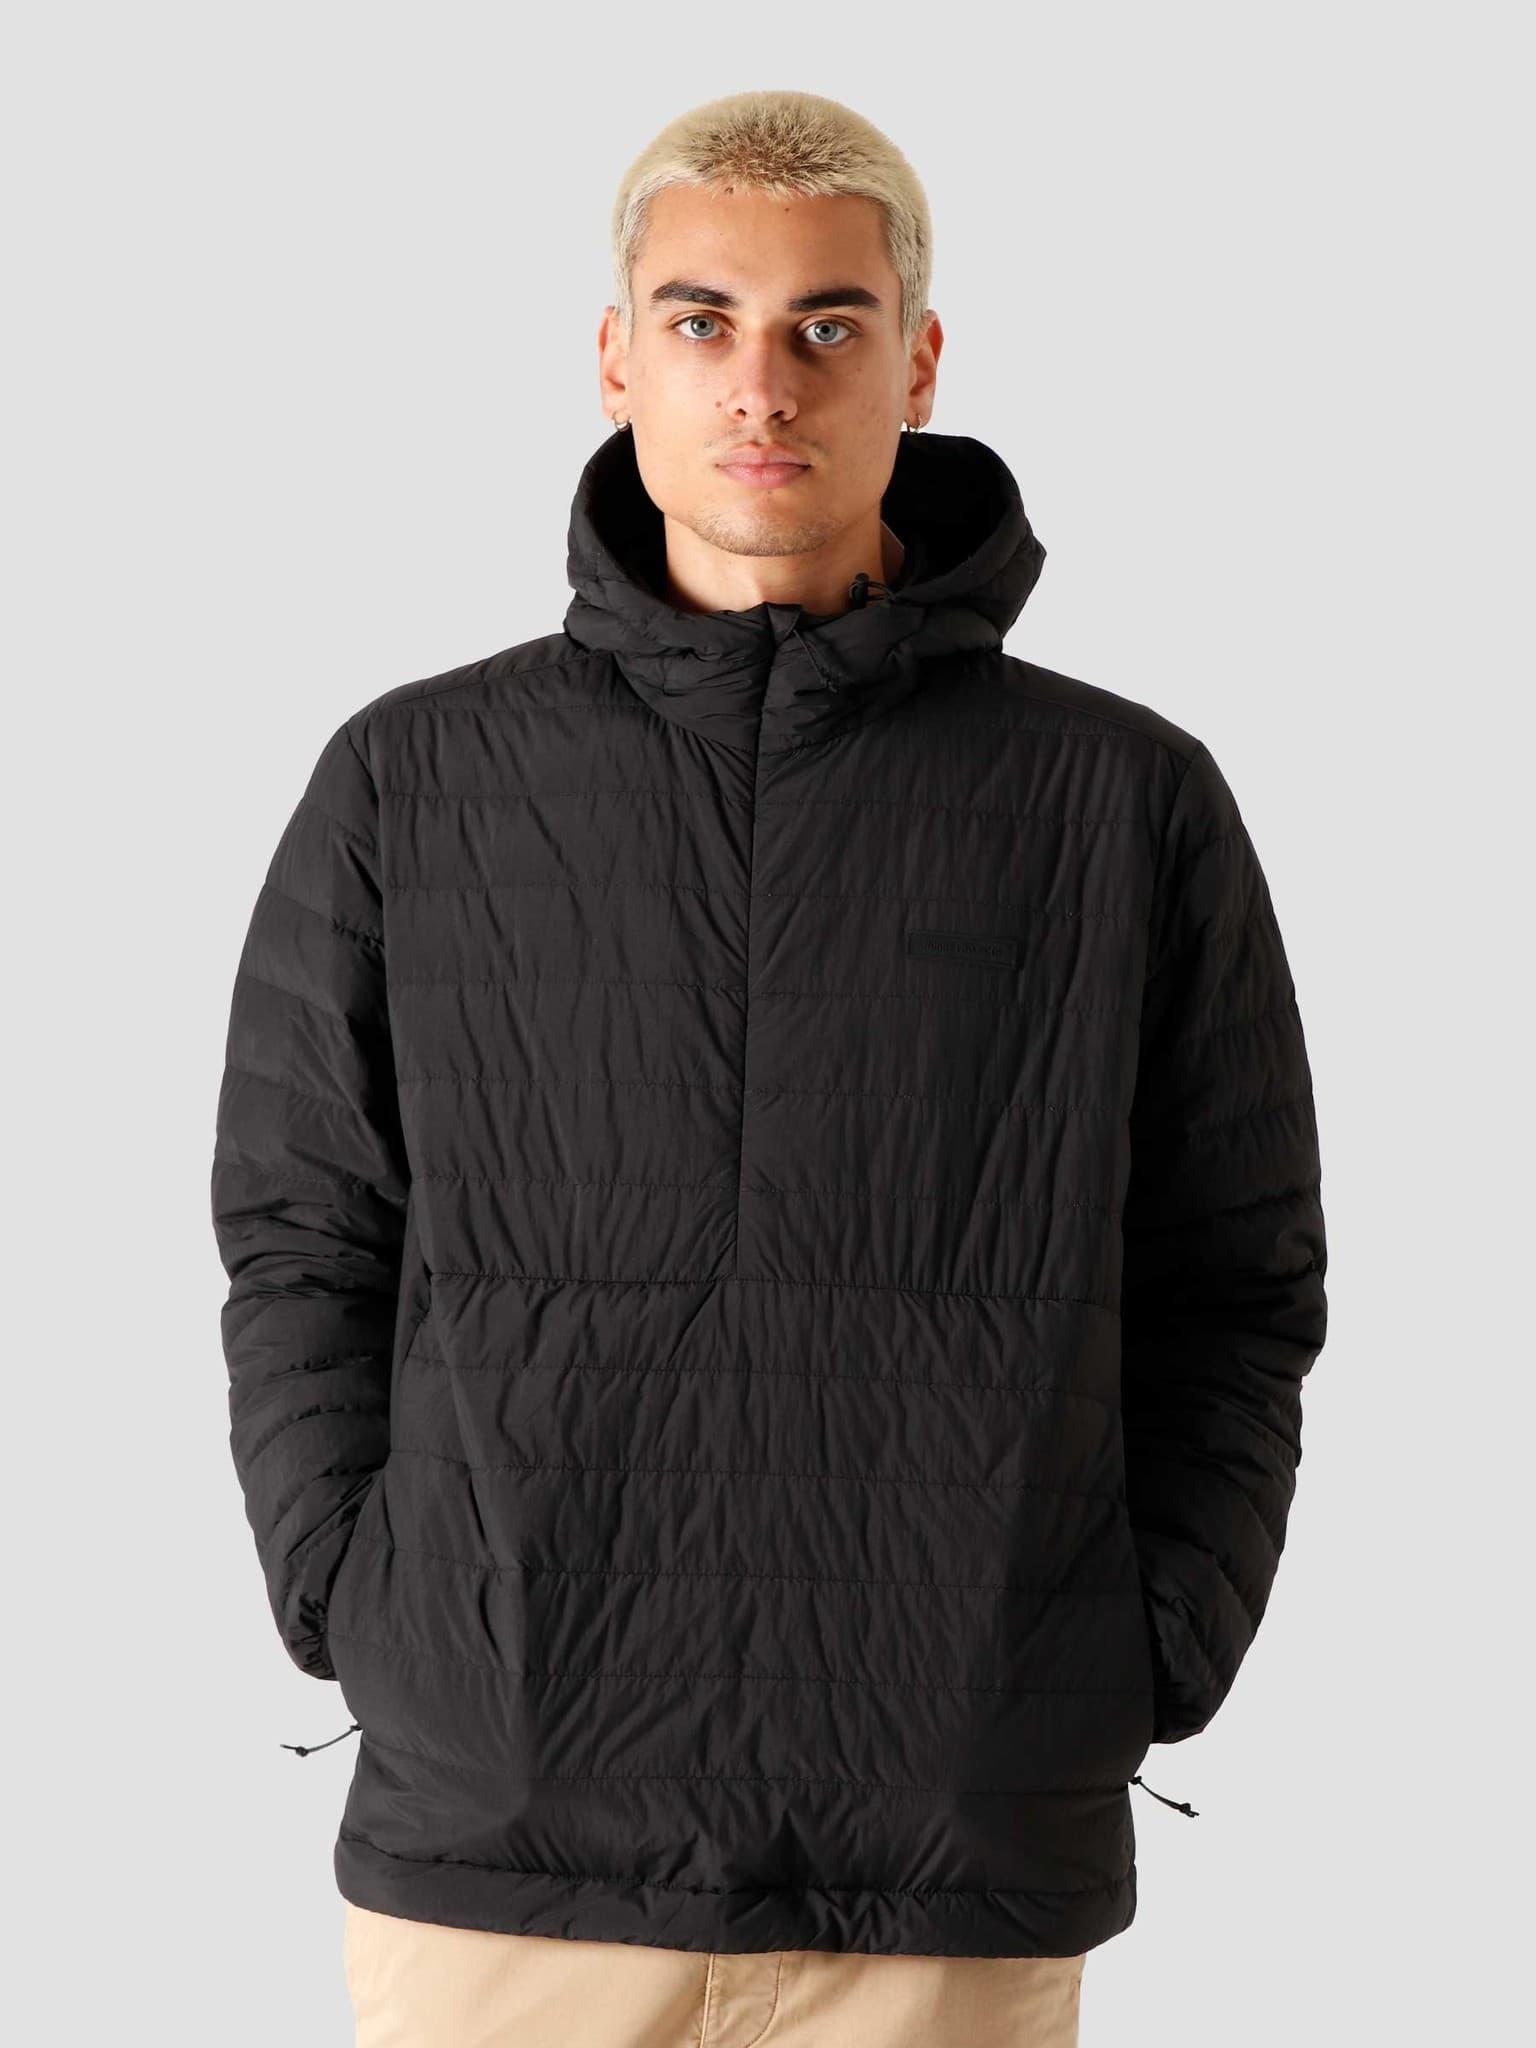 Abisko Light Down Jacket Black N55-0511-9999